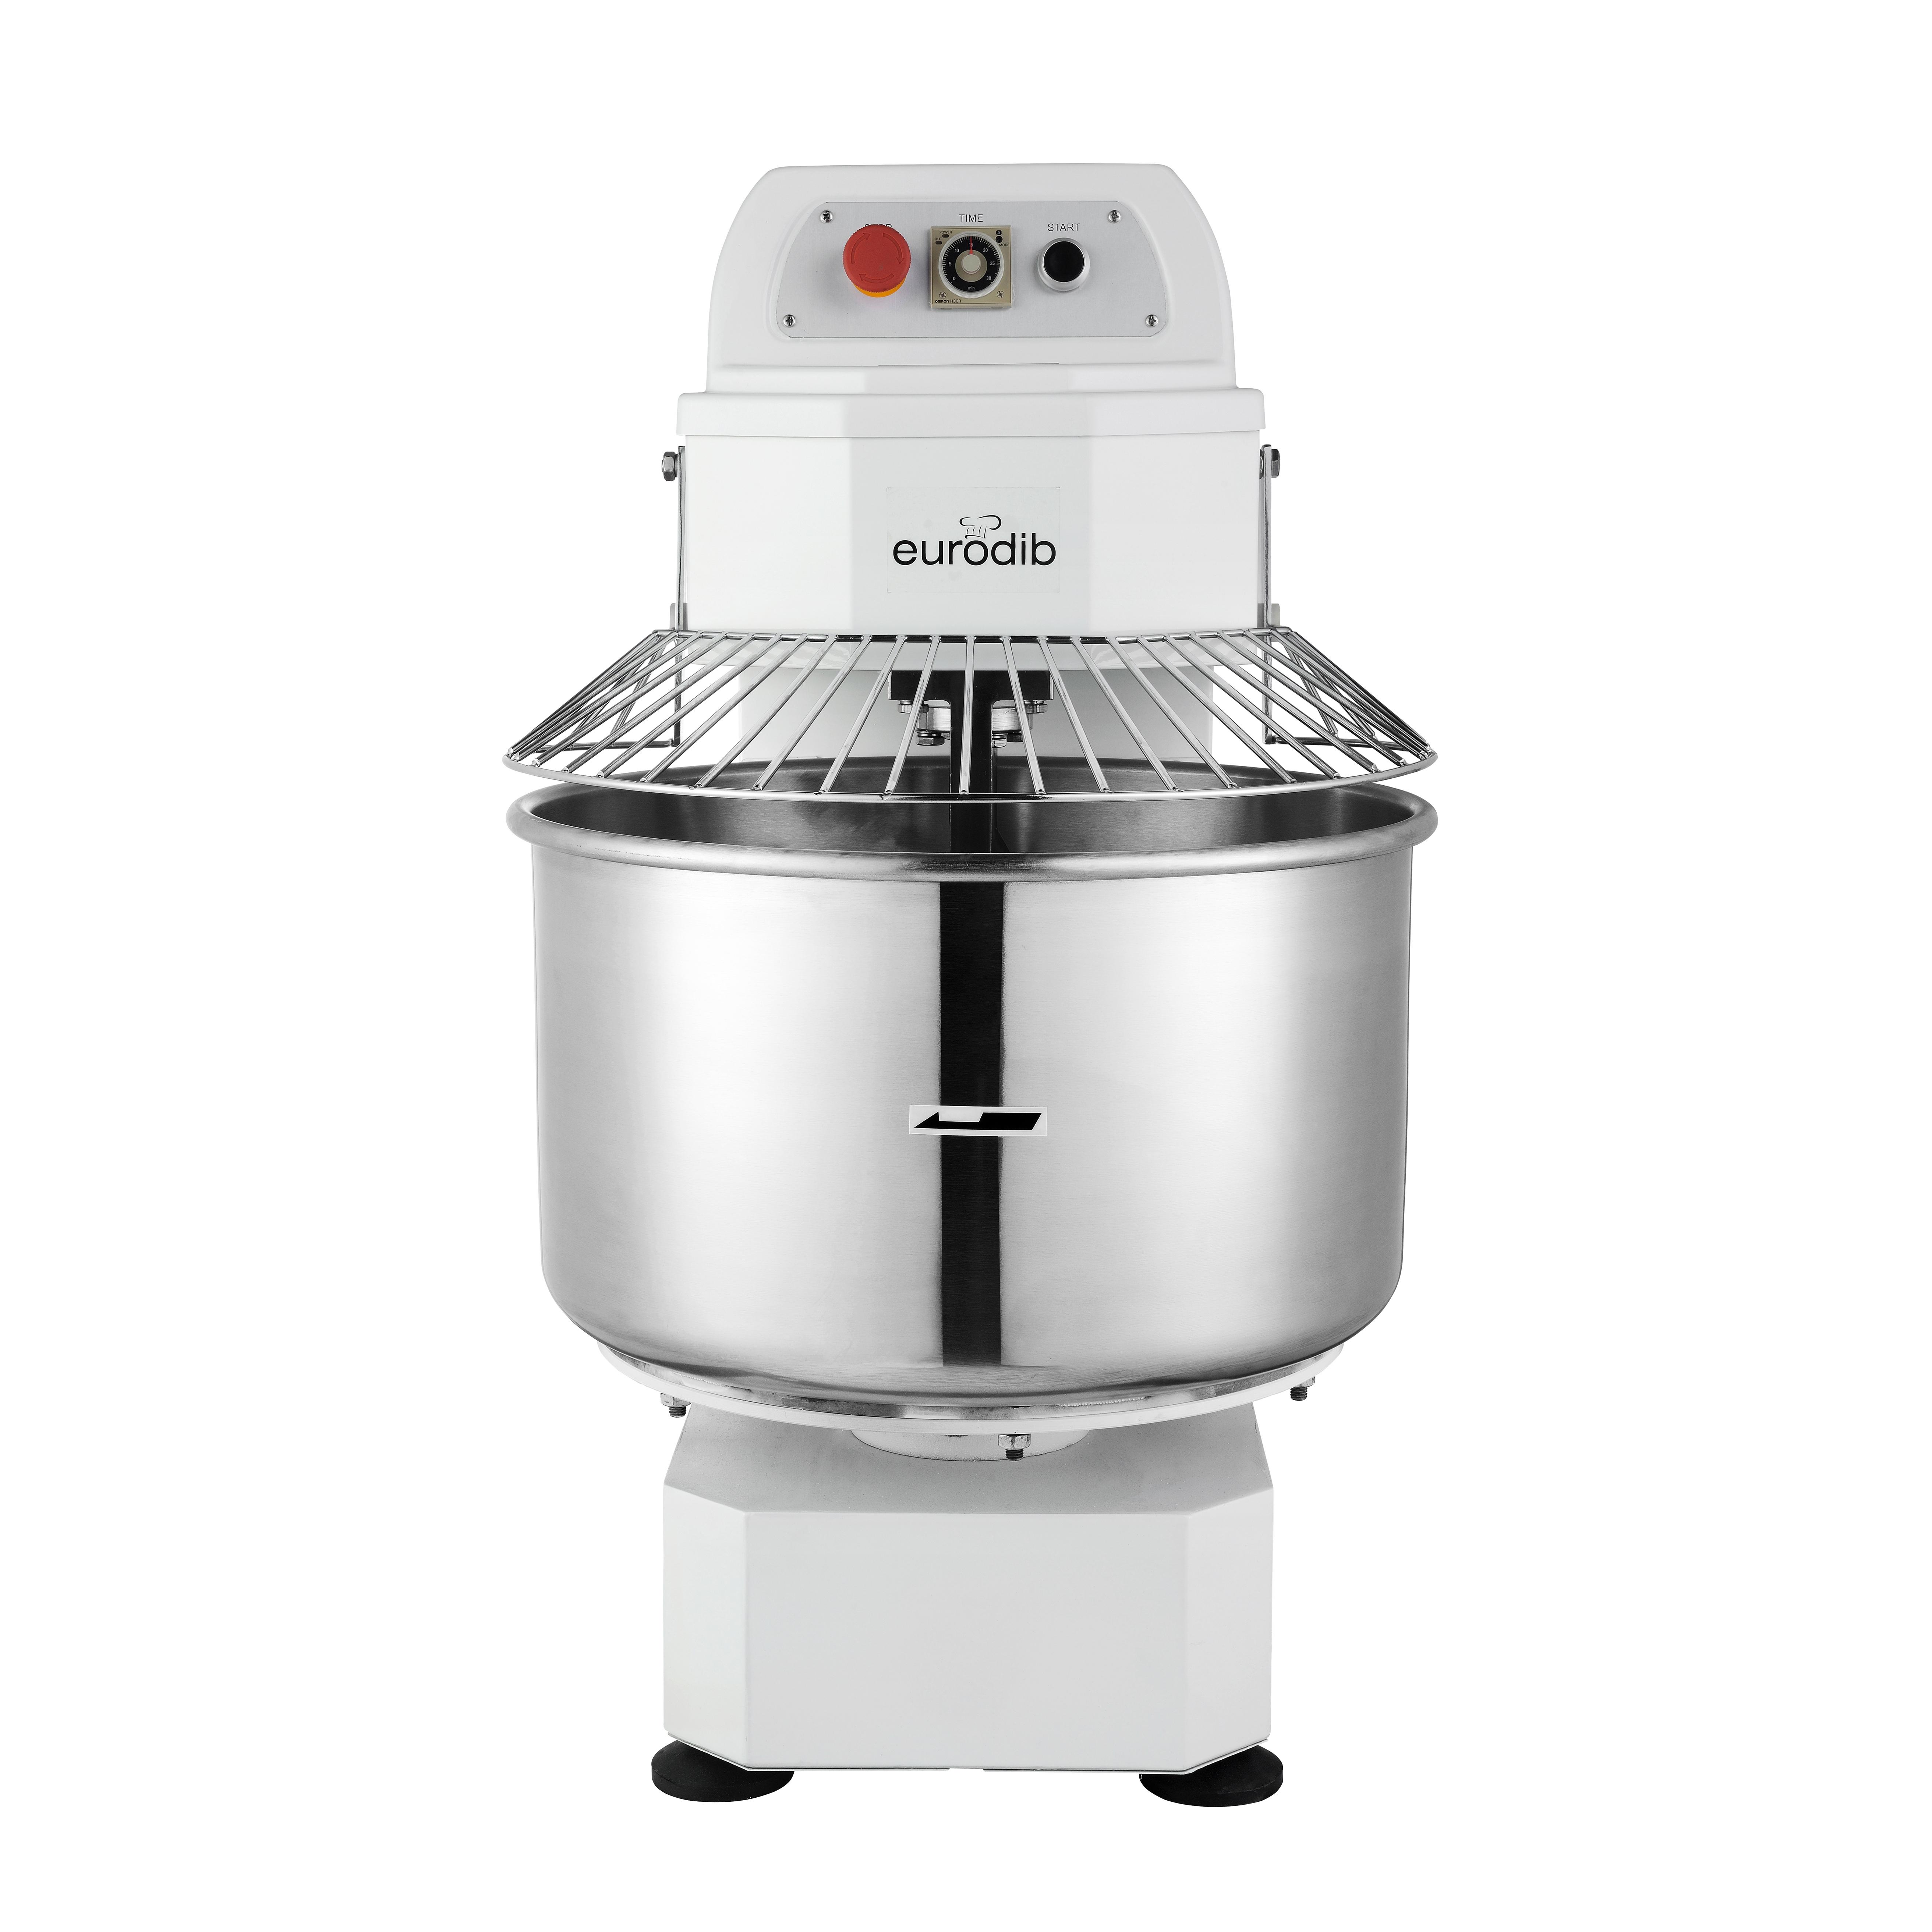 Eurodib USA LM50T mixer, spiral dough